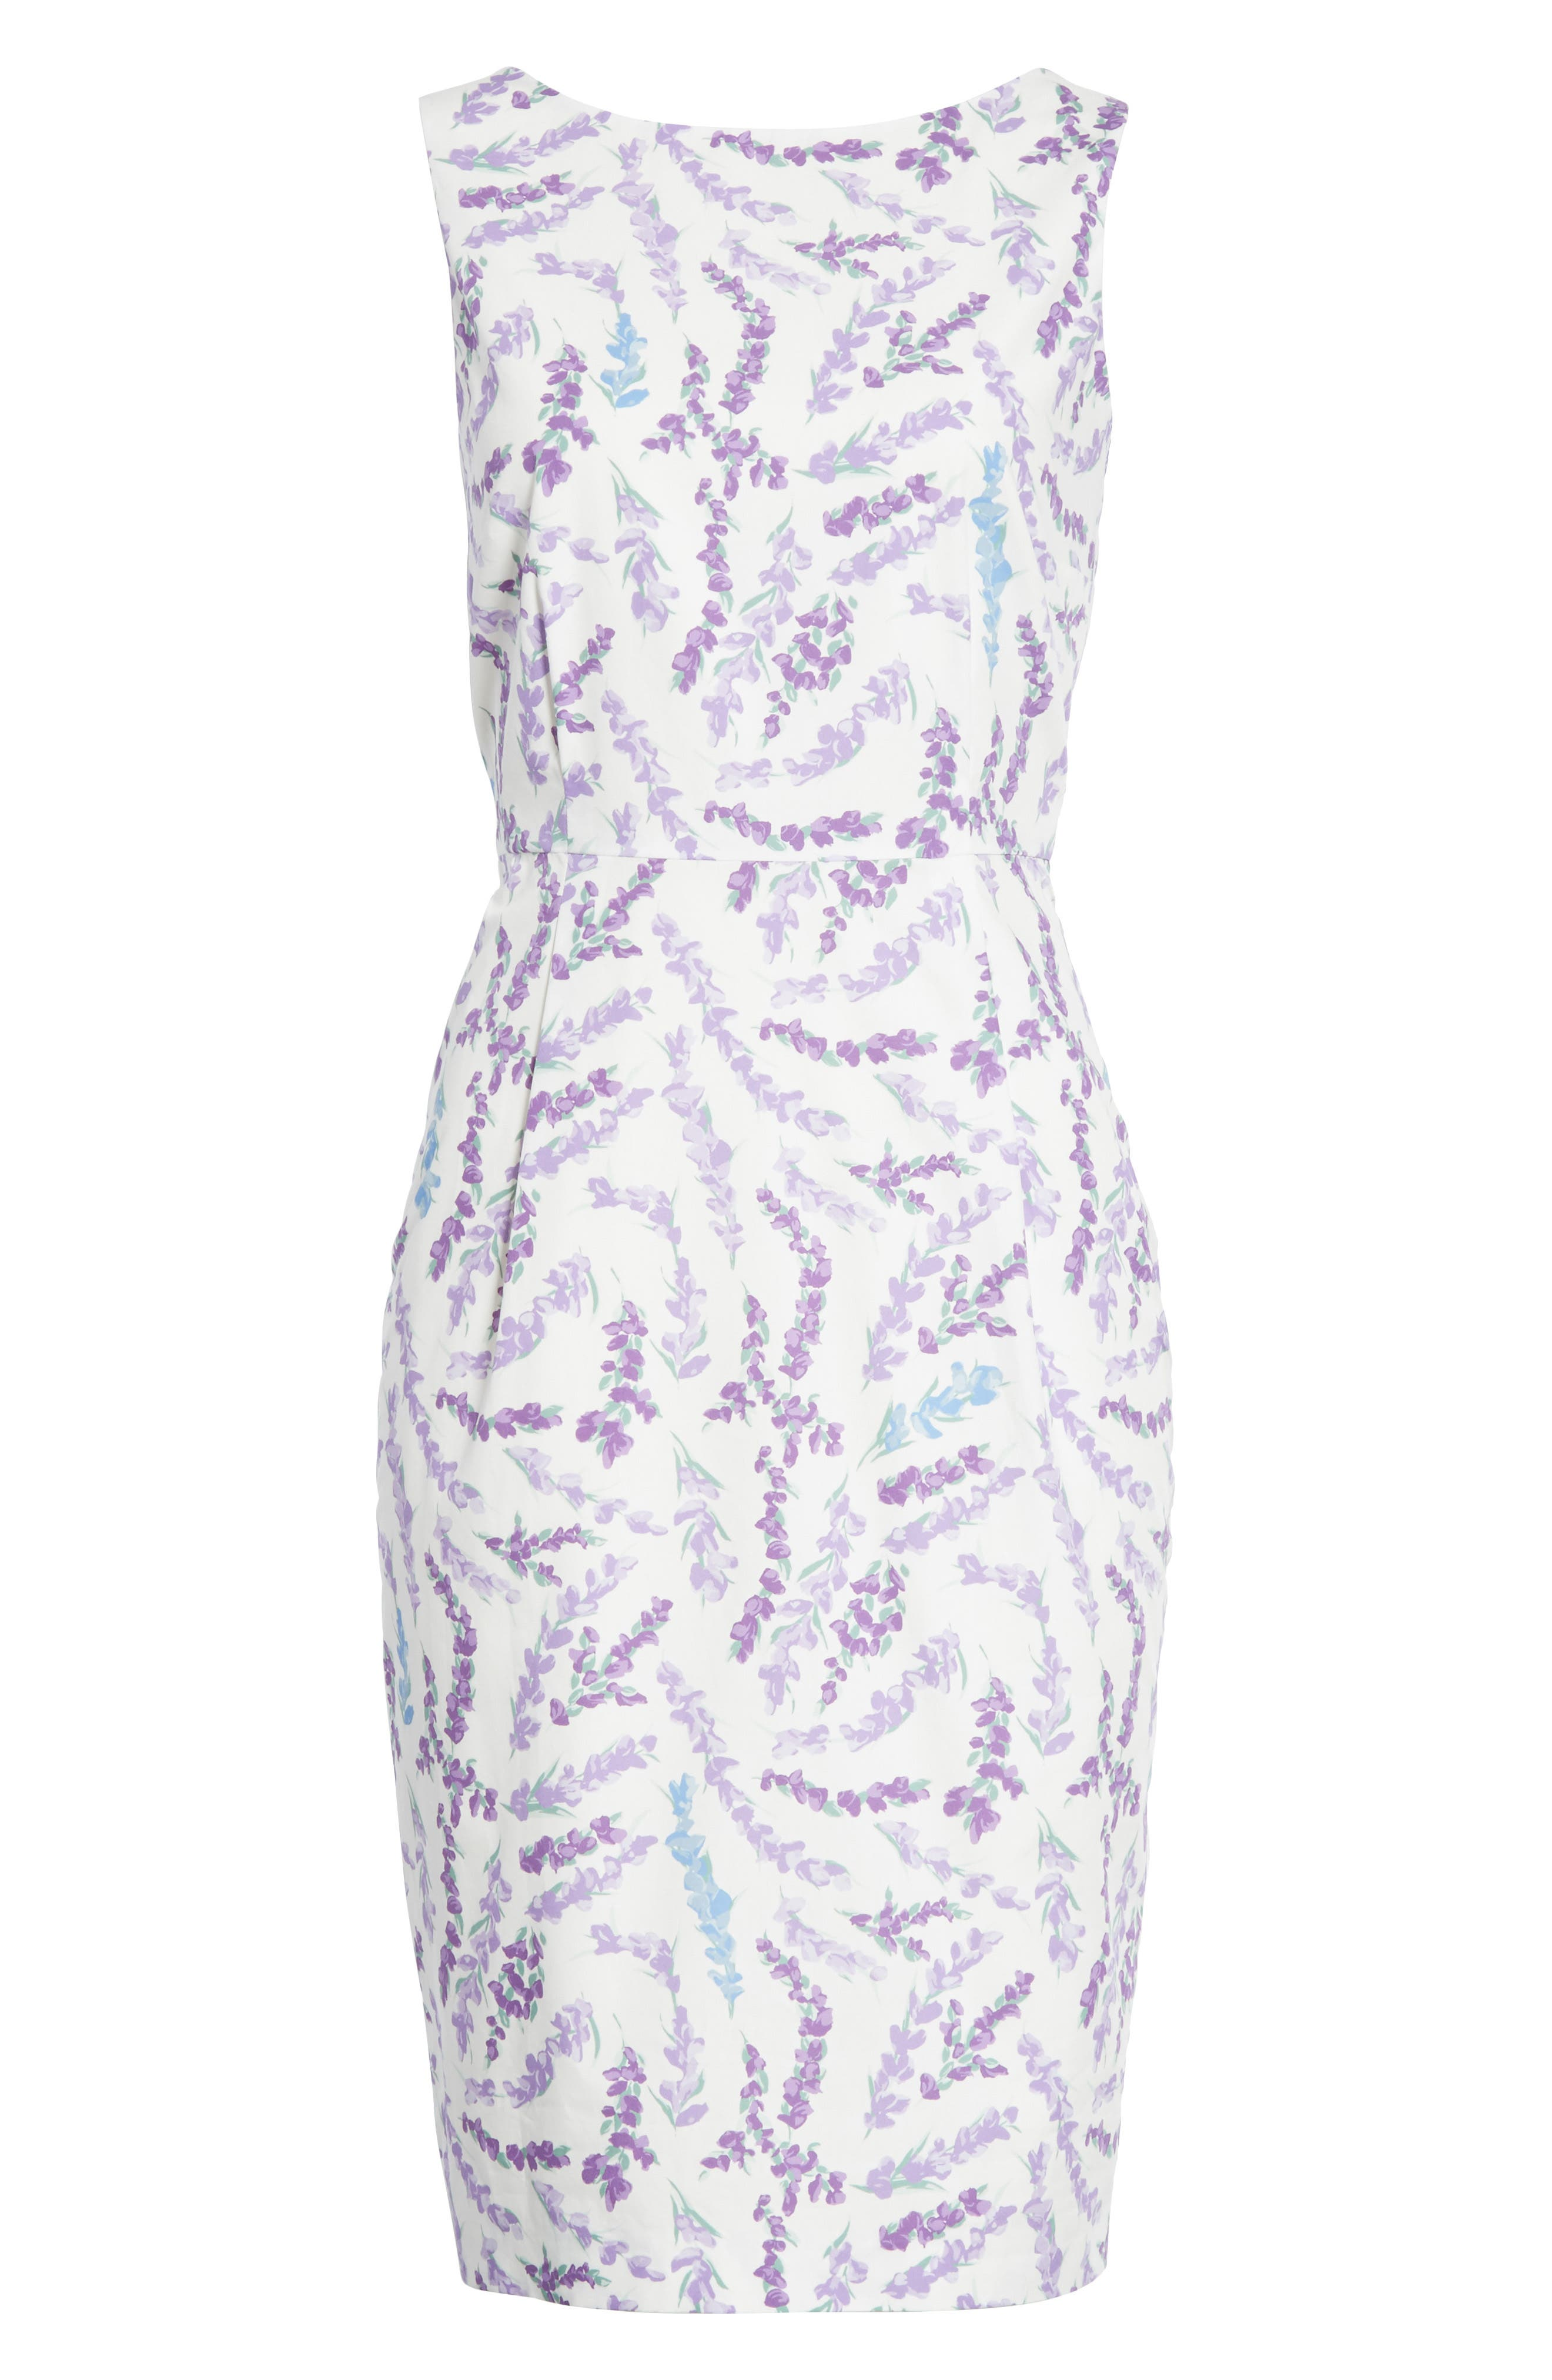 Melfi Print Cotton Sheath Dress,                             Alternate thumbnail 6, color,                             531